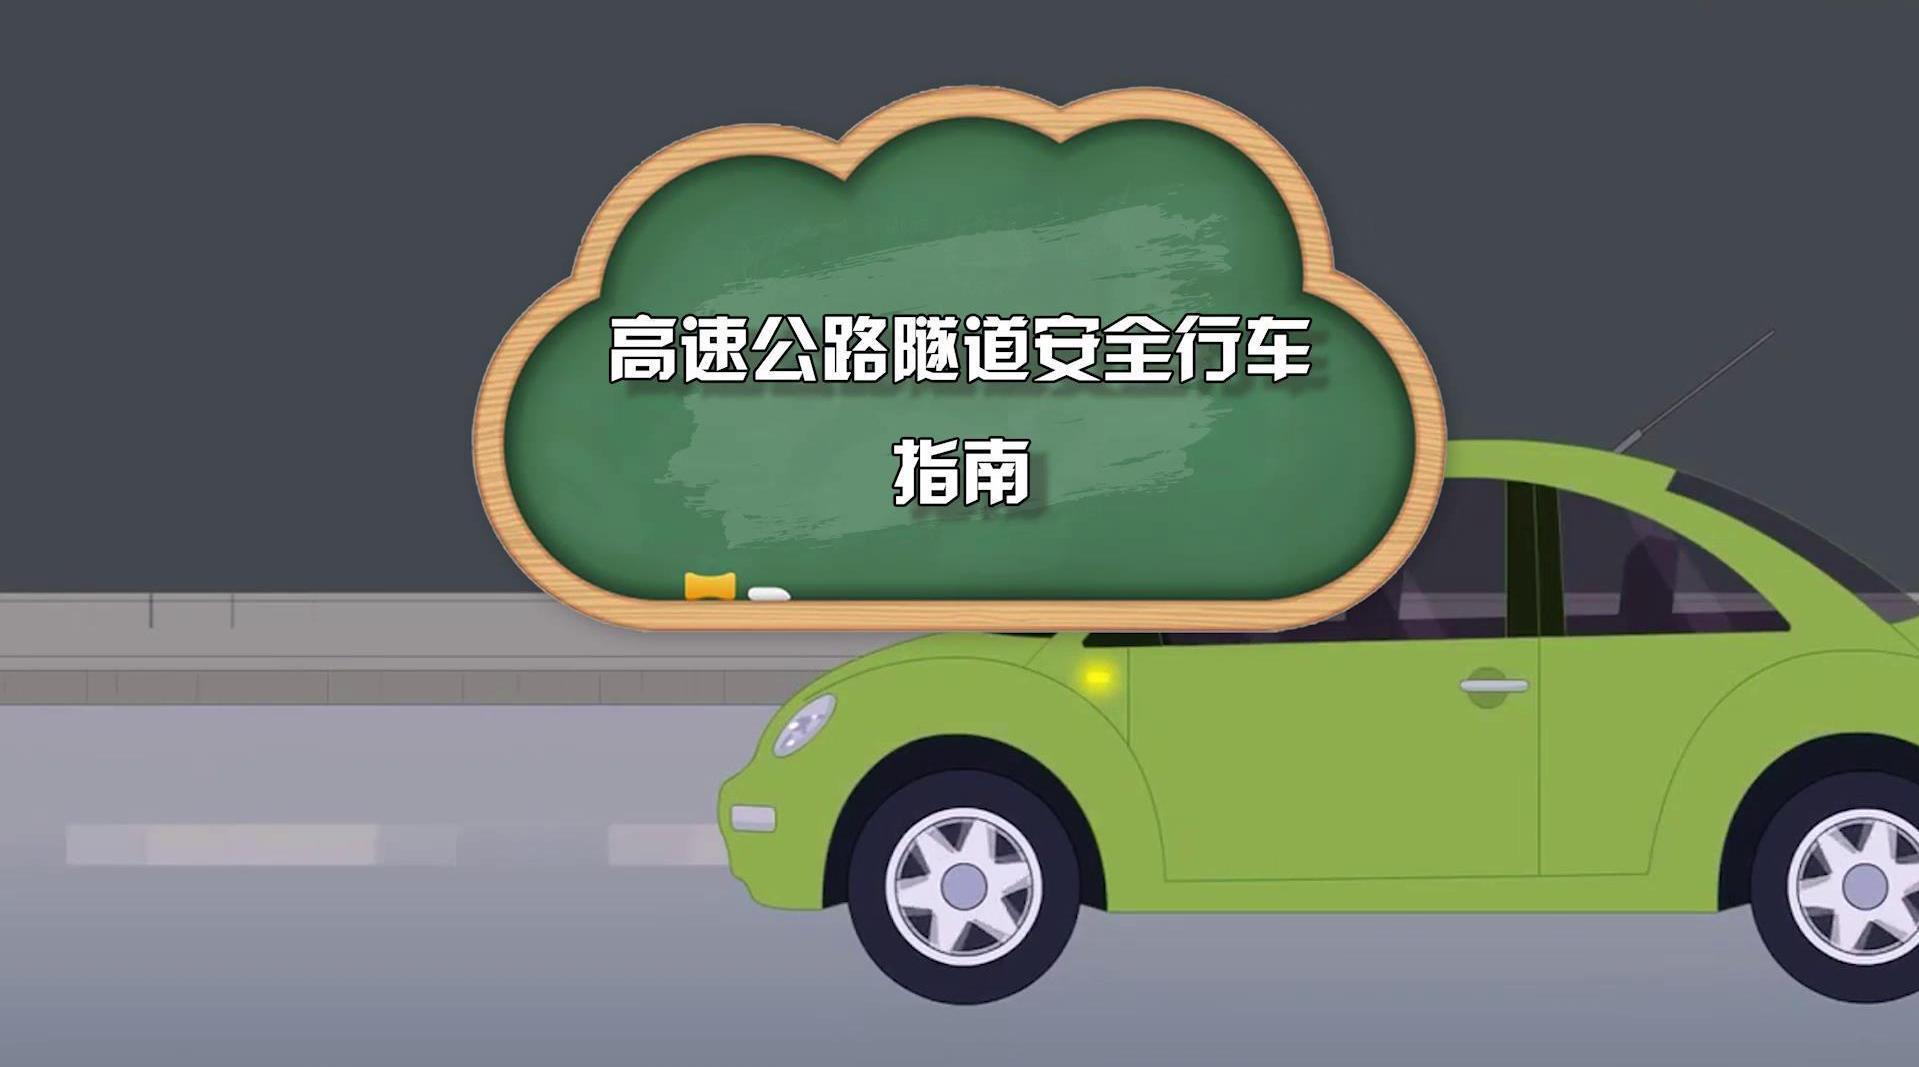 干货!高速公路隧道安全行车锦囊,快收藏!